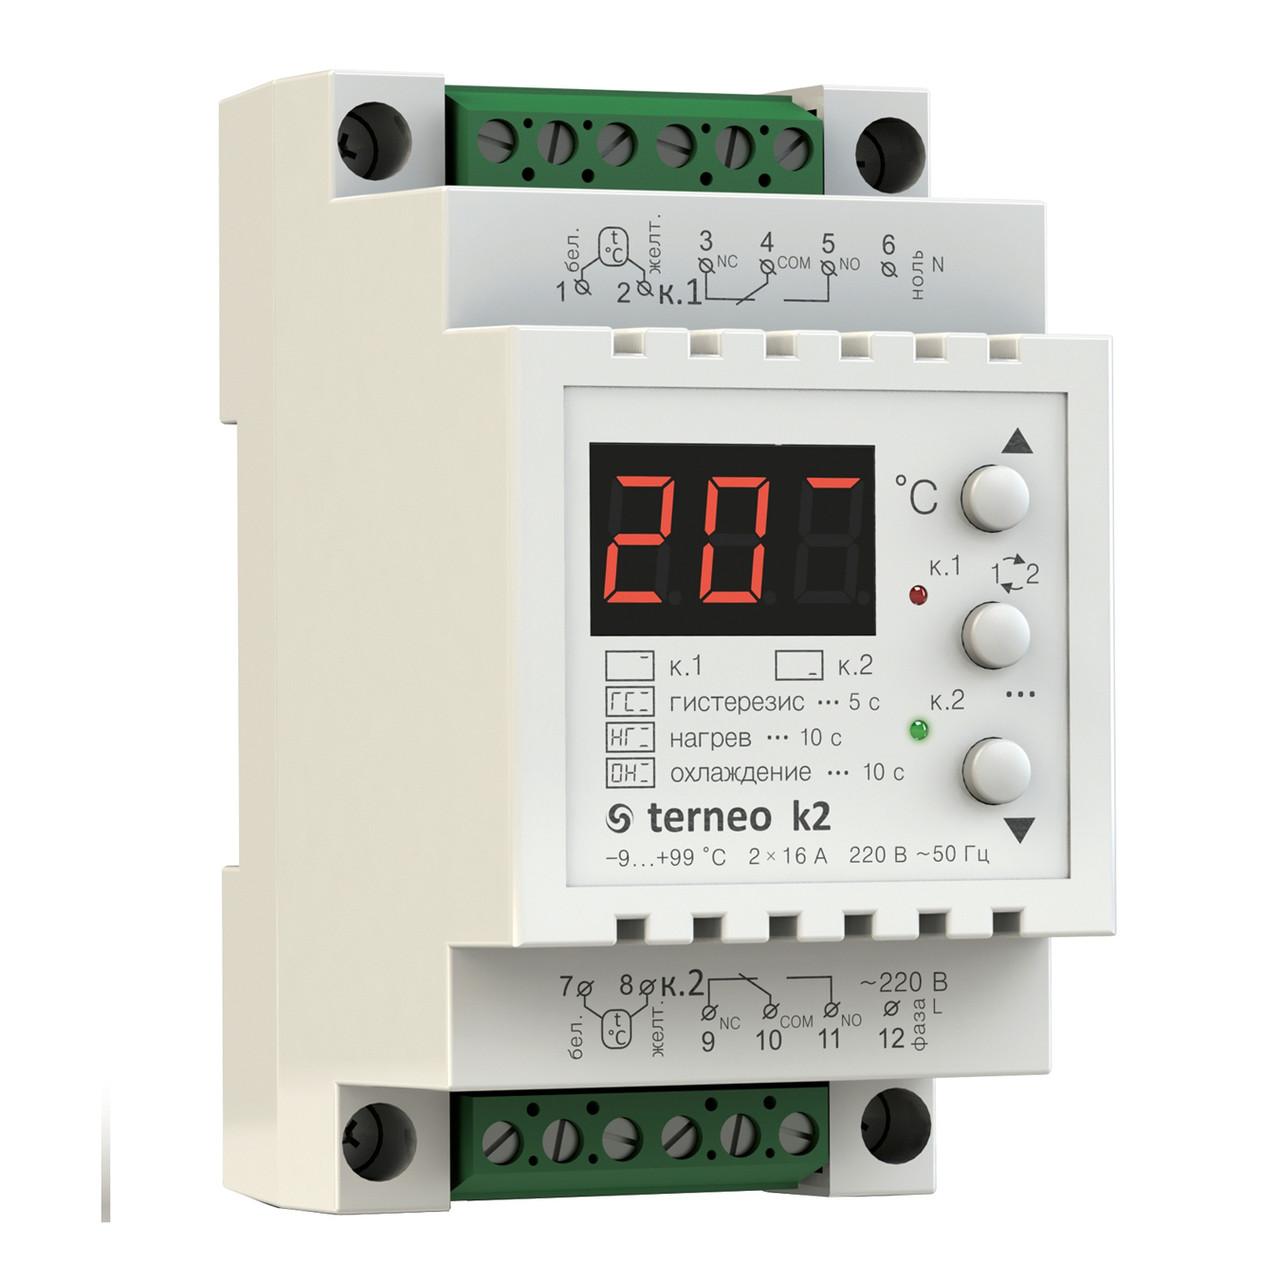 Terneo k2 - двухканальный терморегулятор для теплого пола, охлаждения, отопления.